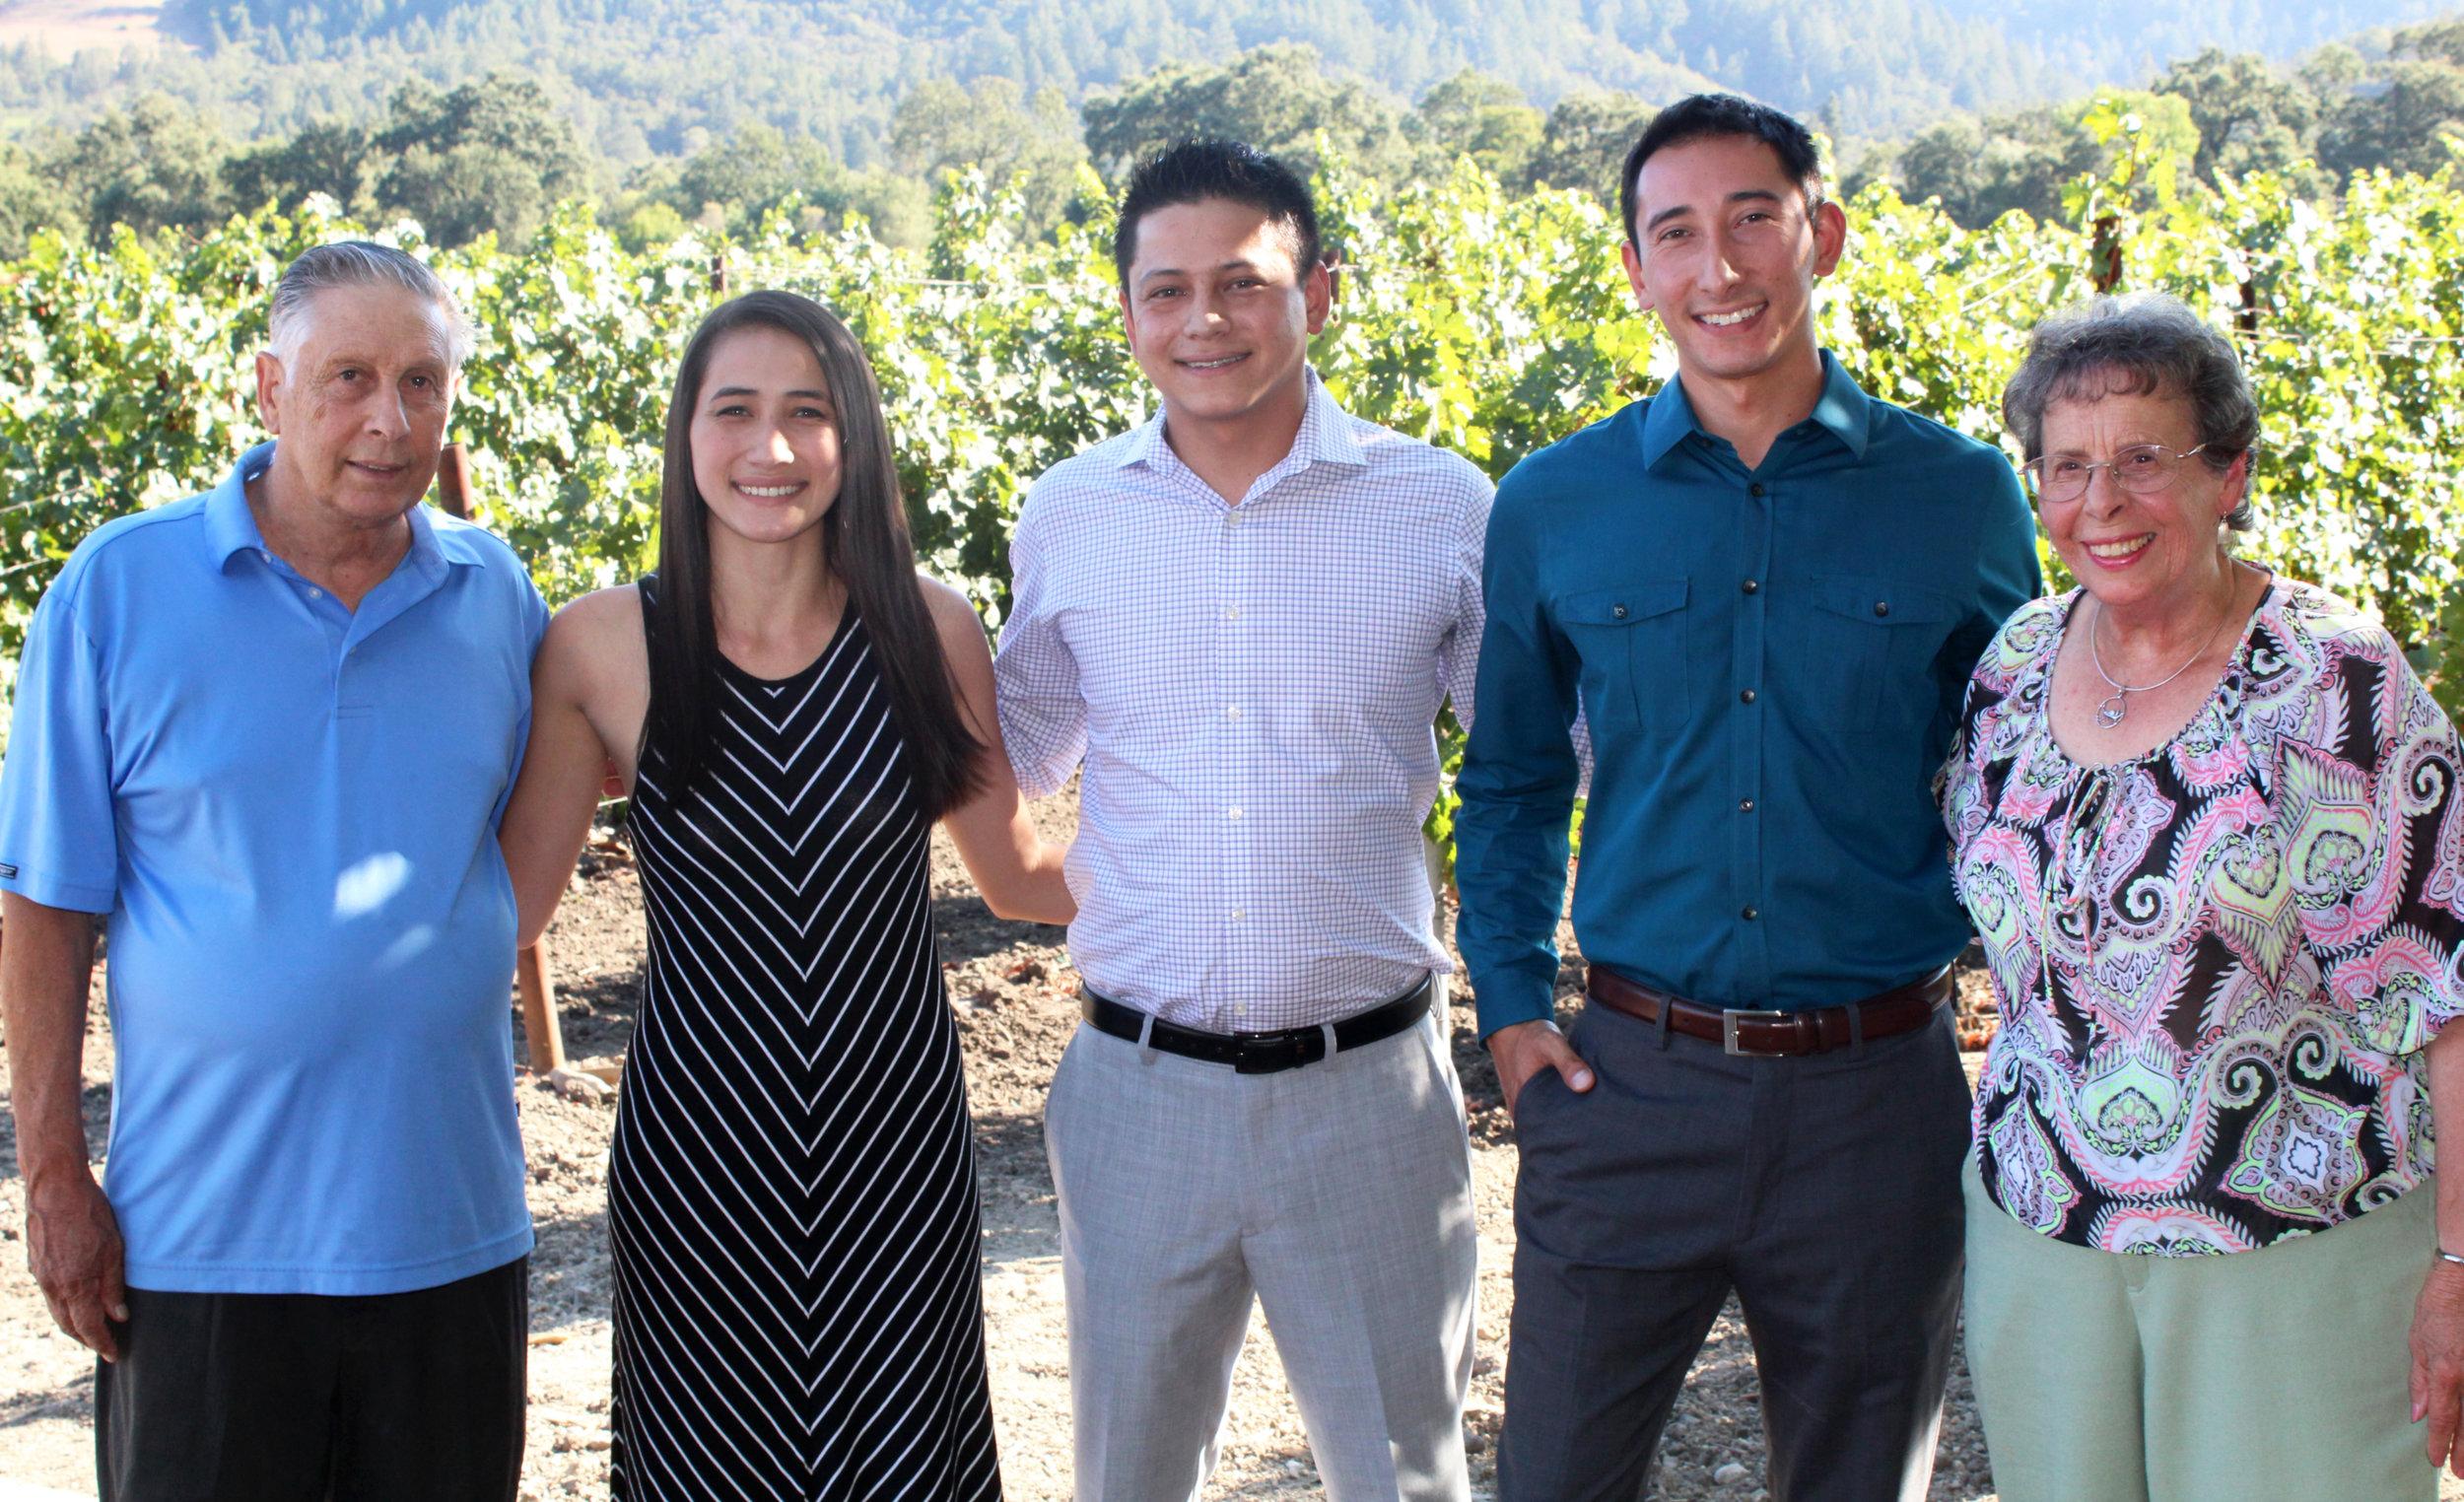 Emil, Elaine, Mario, Emilio, and (Aunt) Frances Tedeschi